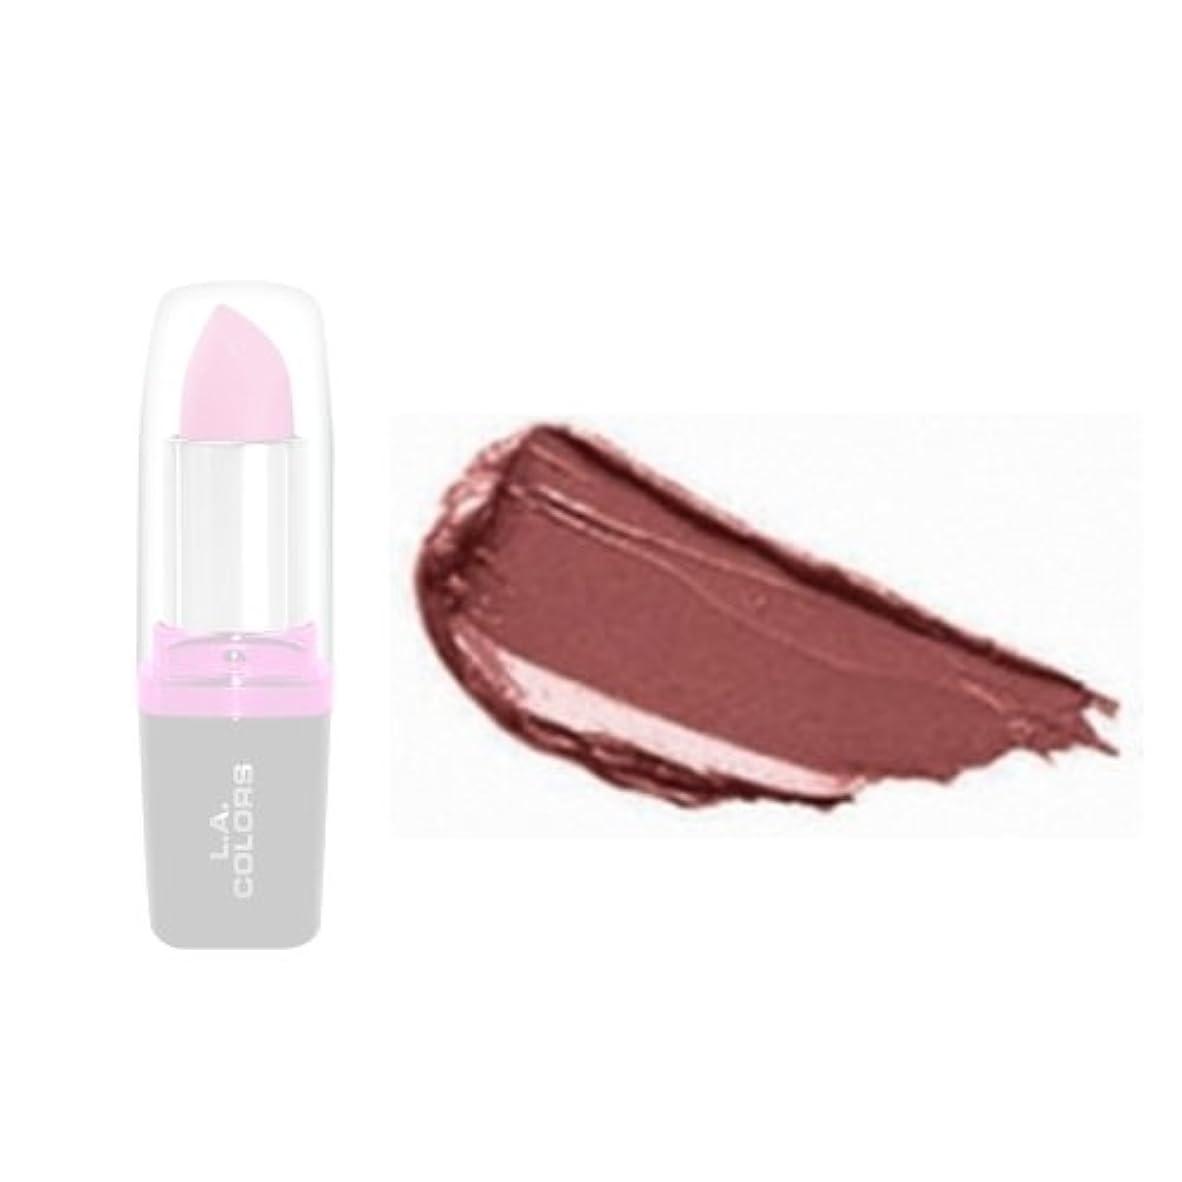 延期するリテラシー蛇行(3 Pack) LA Colors Hydrating Lipstick - Mauvey (並行輸入品)